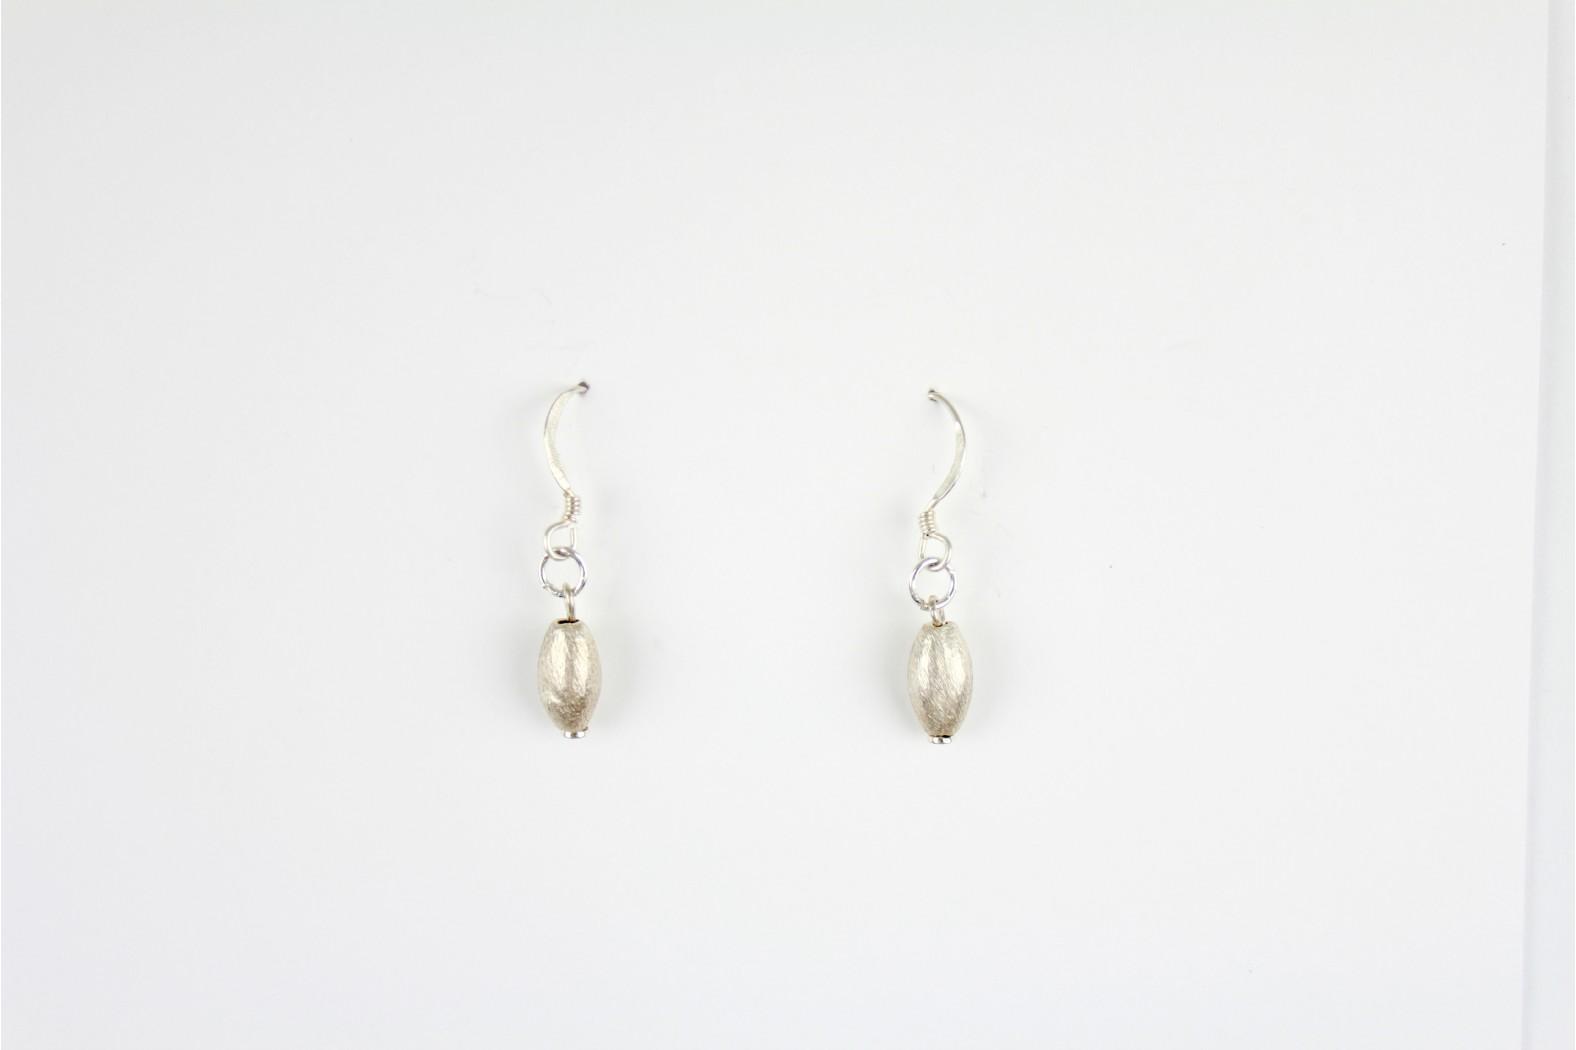 Short Drop Matt silver patterned earrings